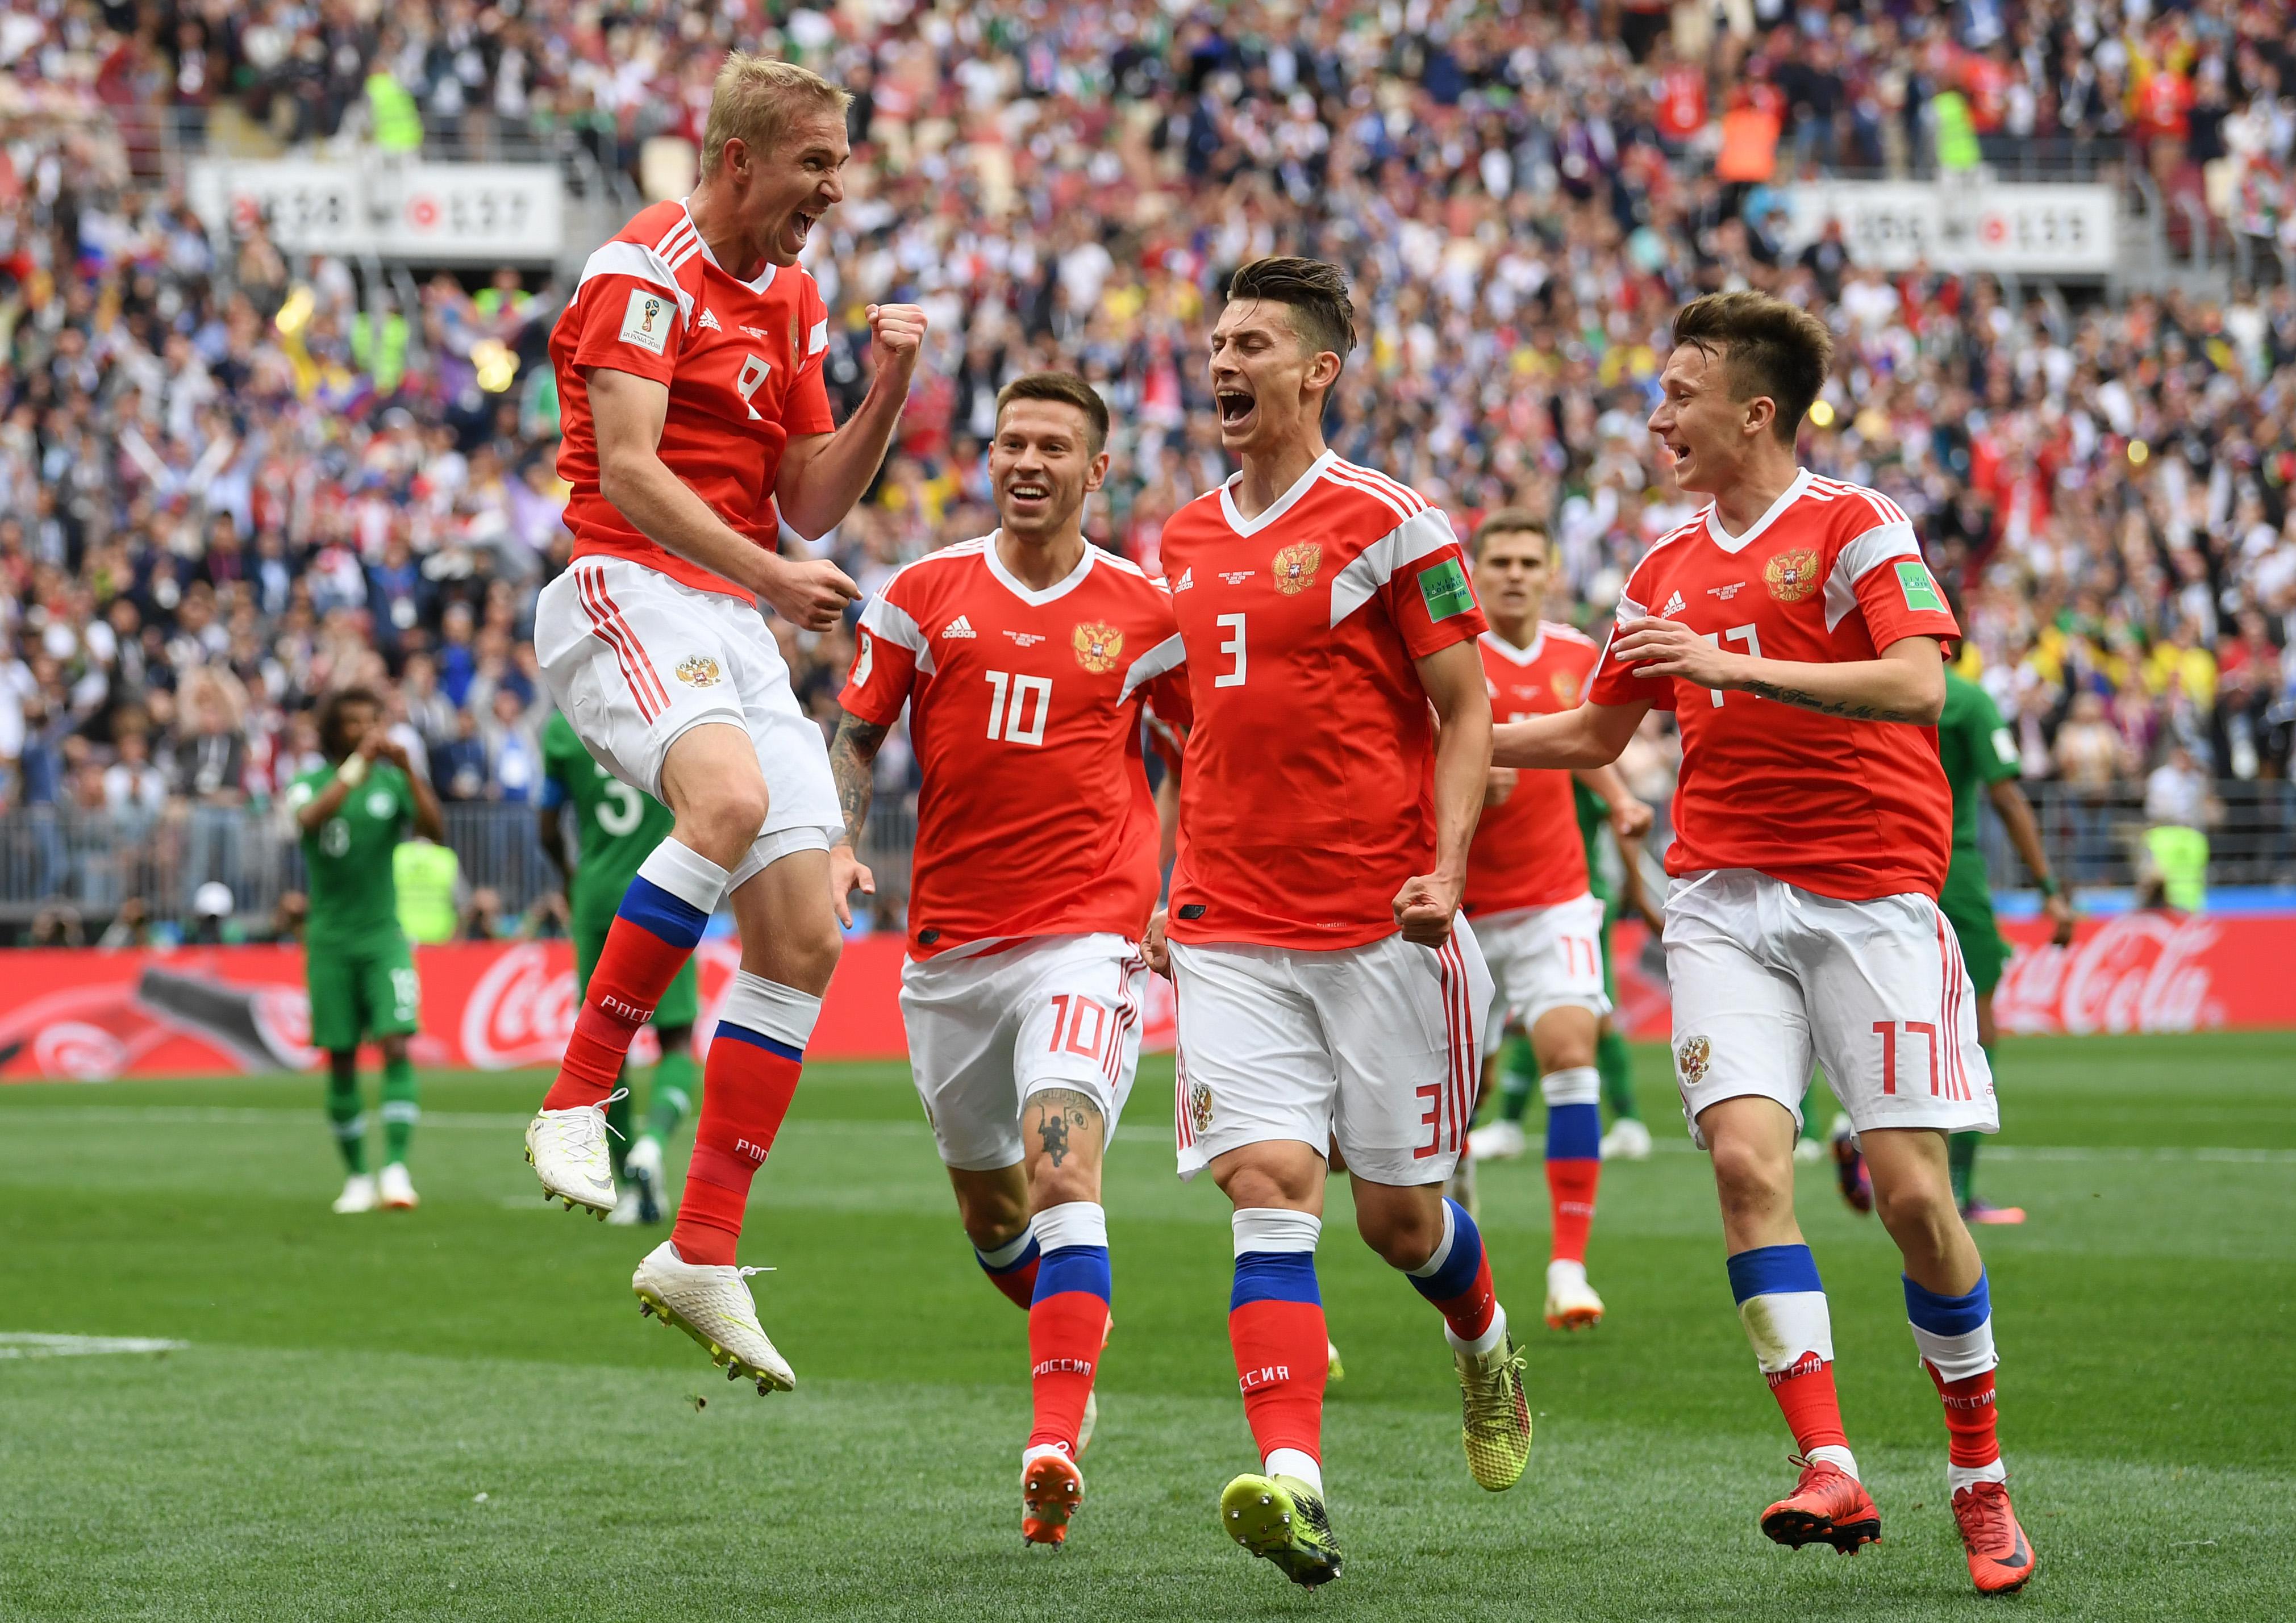 En fotos: así fue el primer gol del Mundial de Rusia 2018